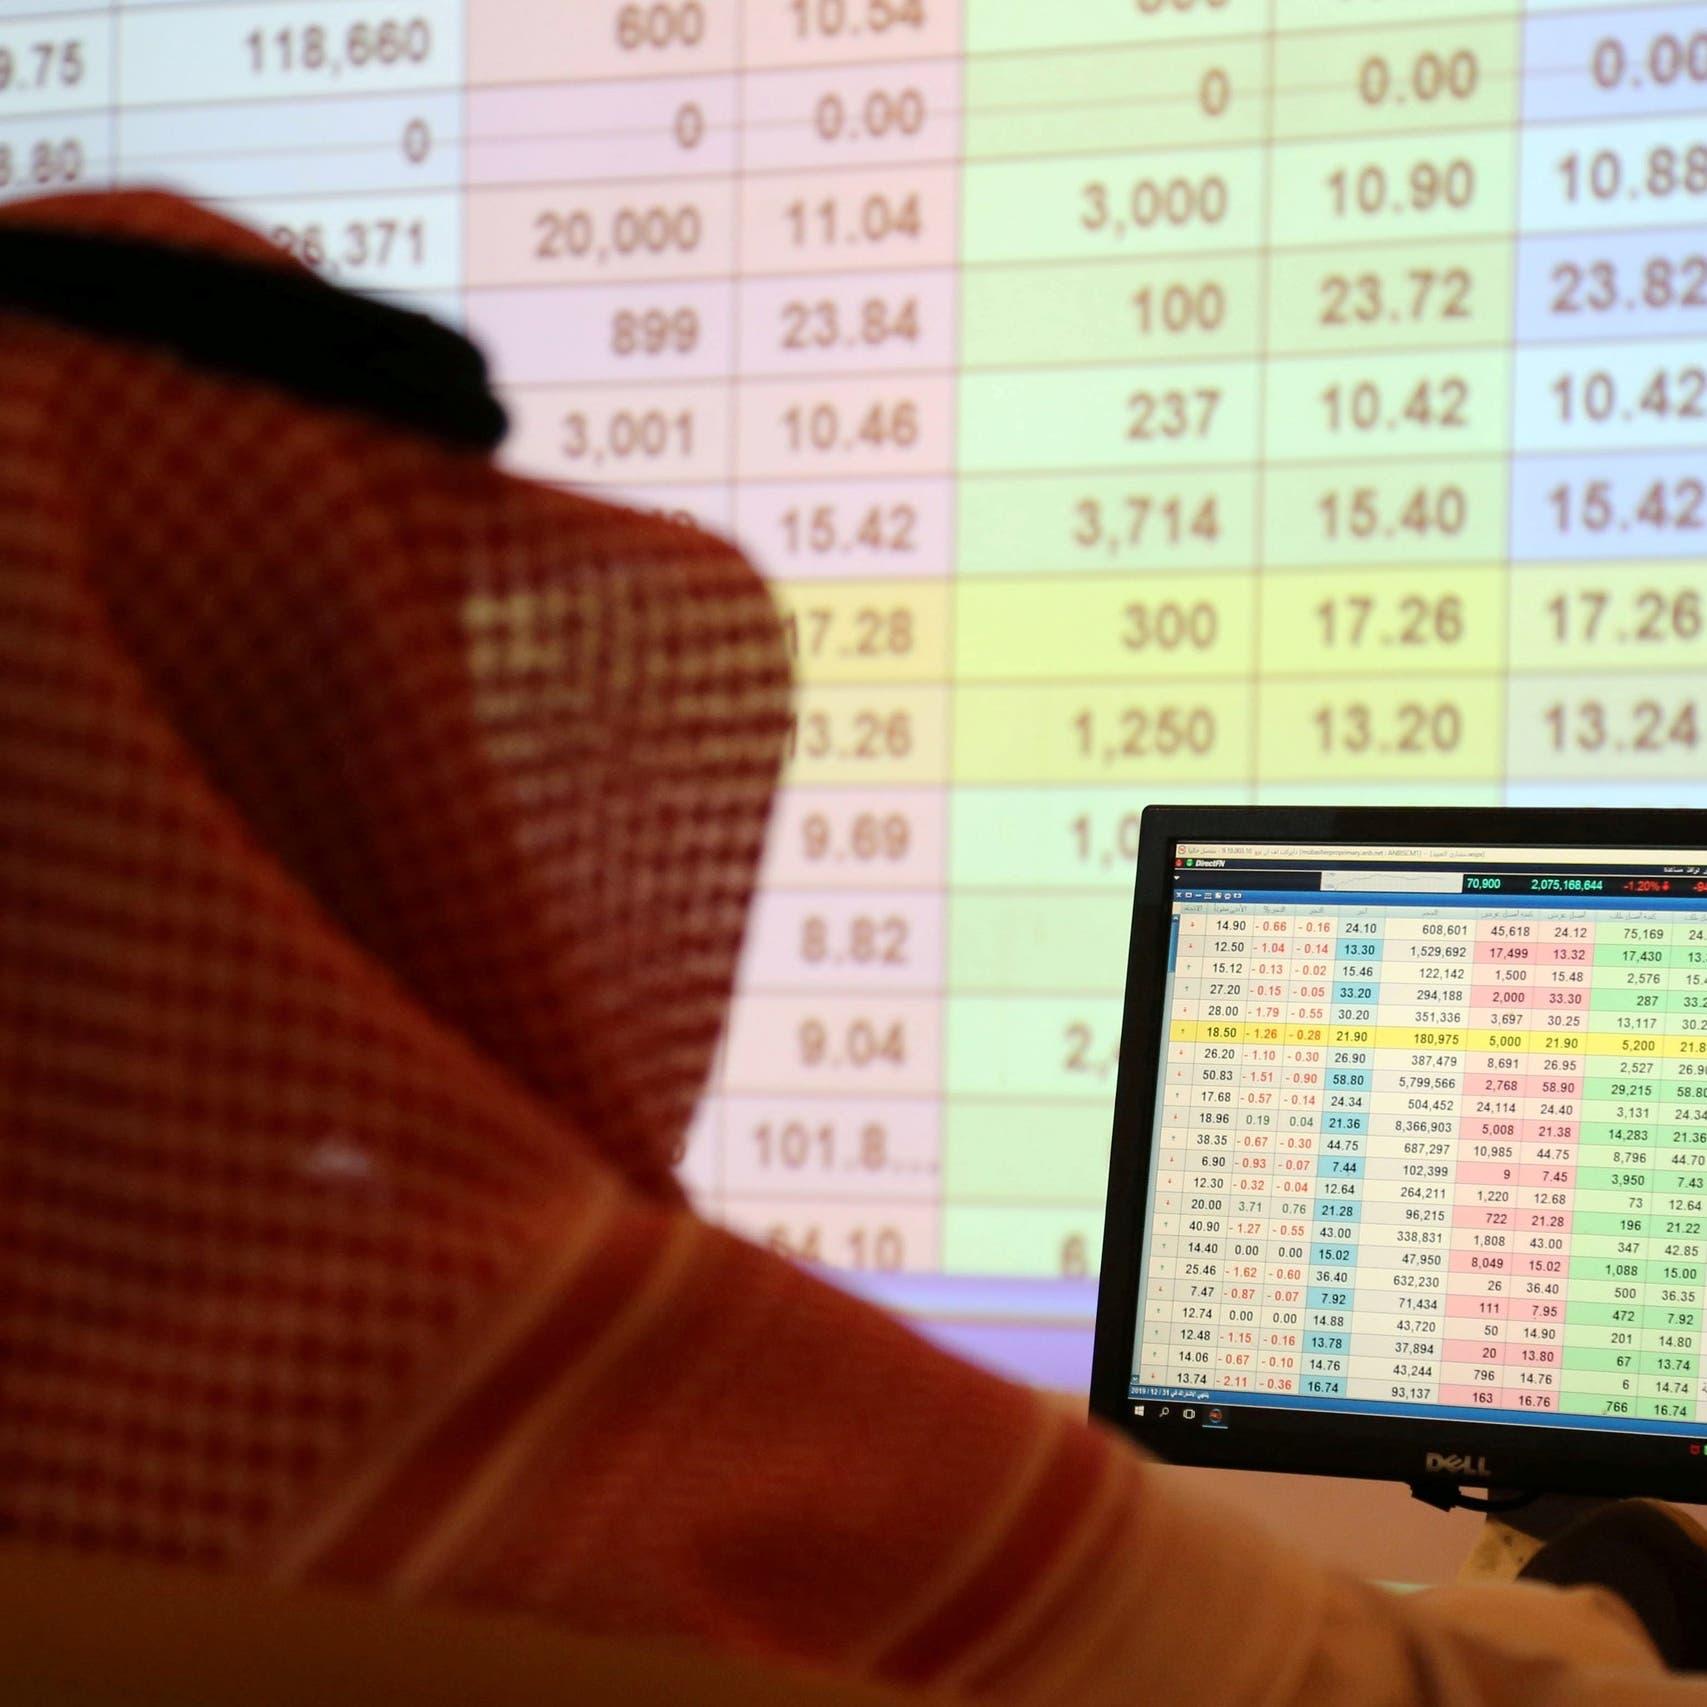 مع عودة زخم الاندماجات.. سوق السعودية تغلق قرب 10900 نقطة